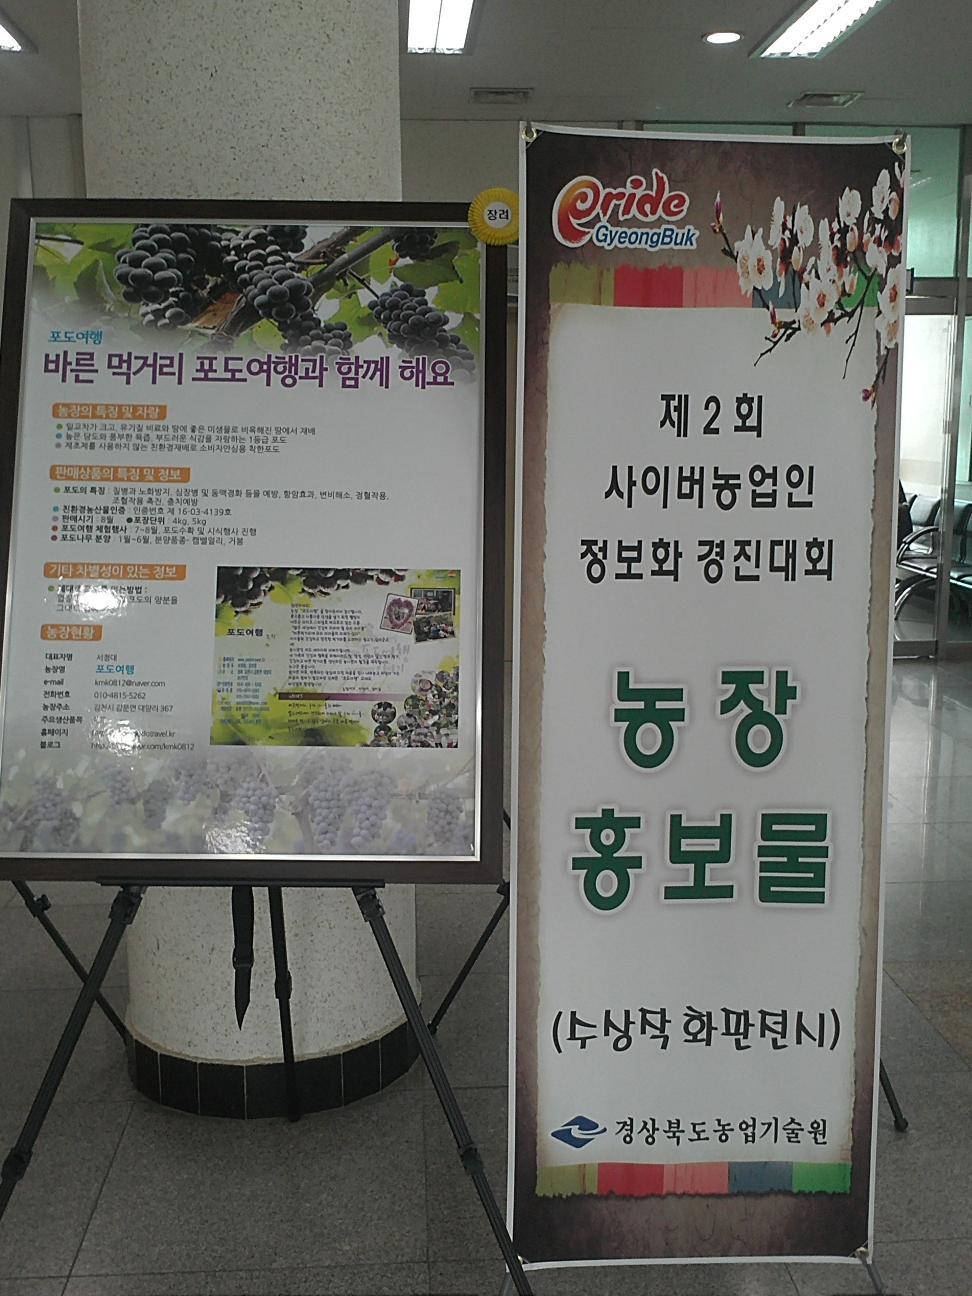 제2회 경북사이버농업인 경진대회 출품작(장려상)